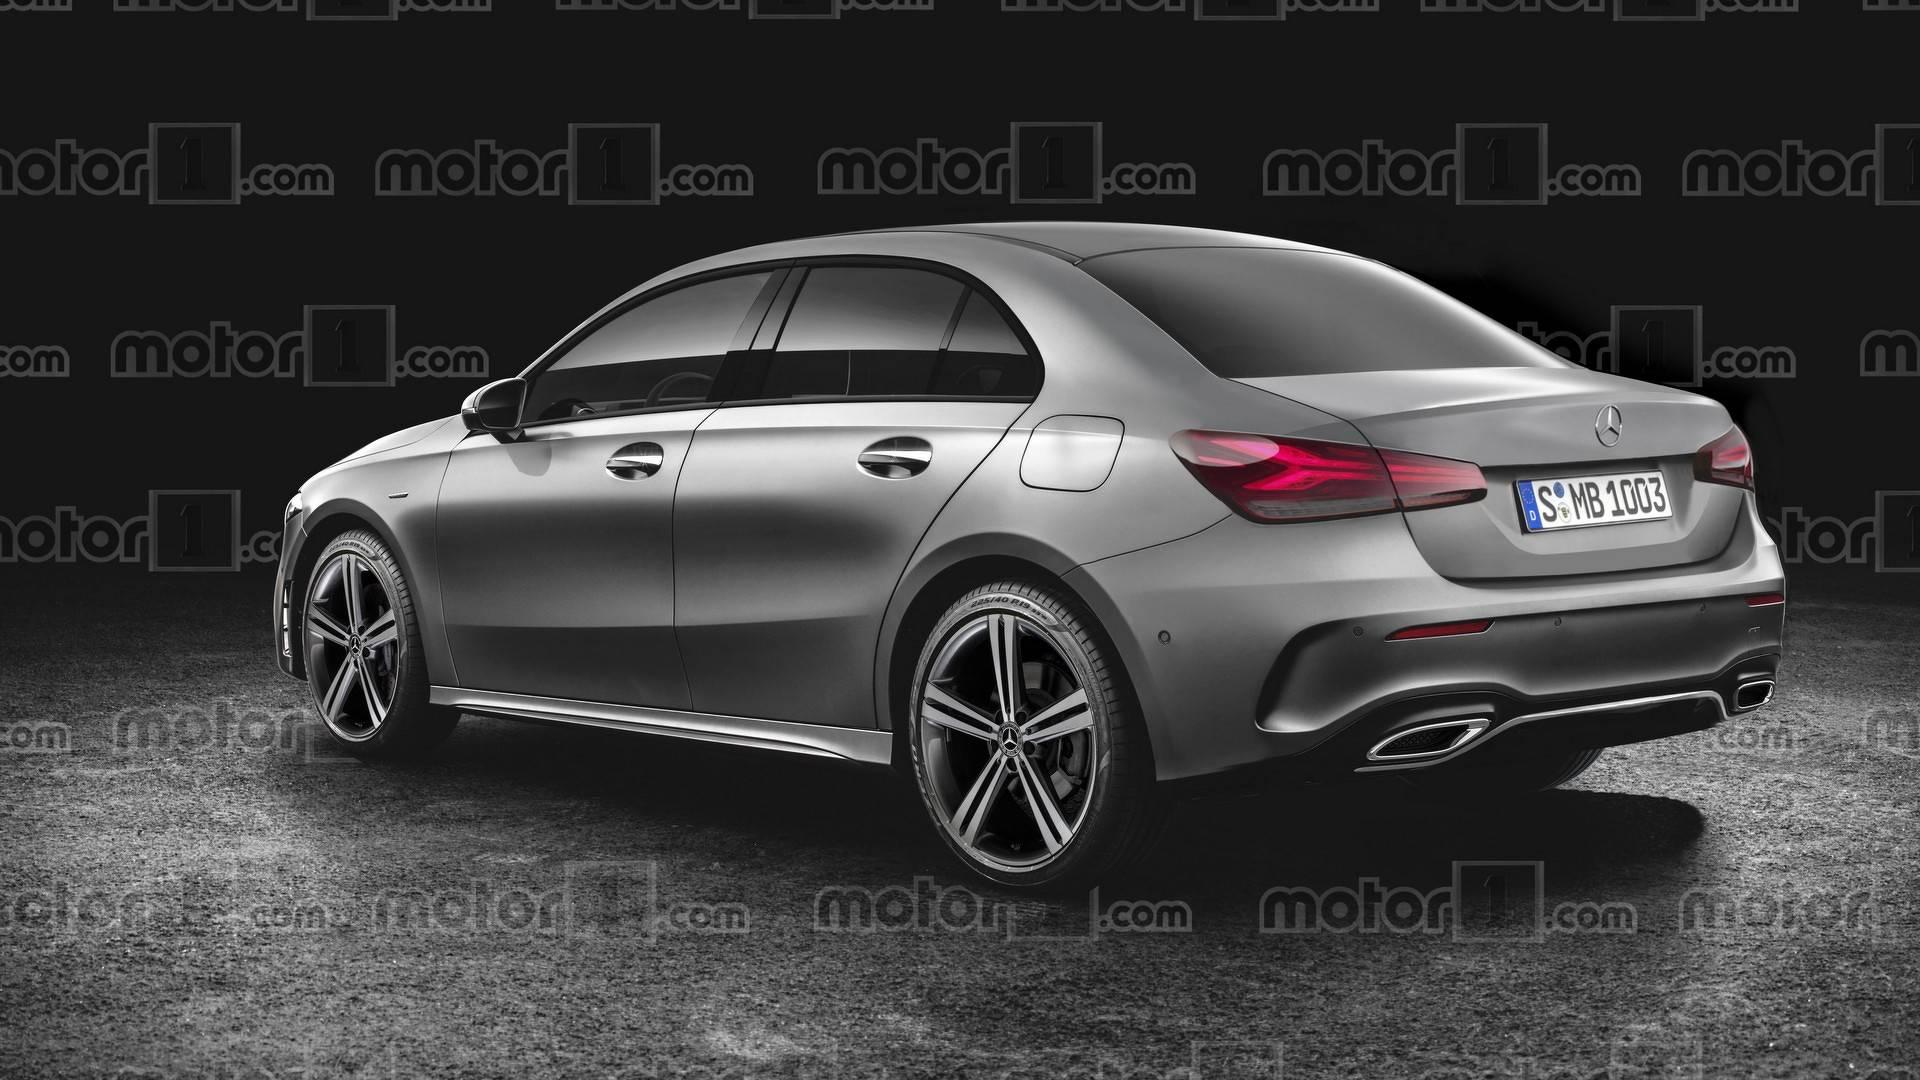 Inedito Mercedes Classe A Sedan Ficara Mais Ou Menos Assim